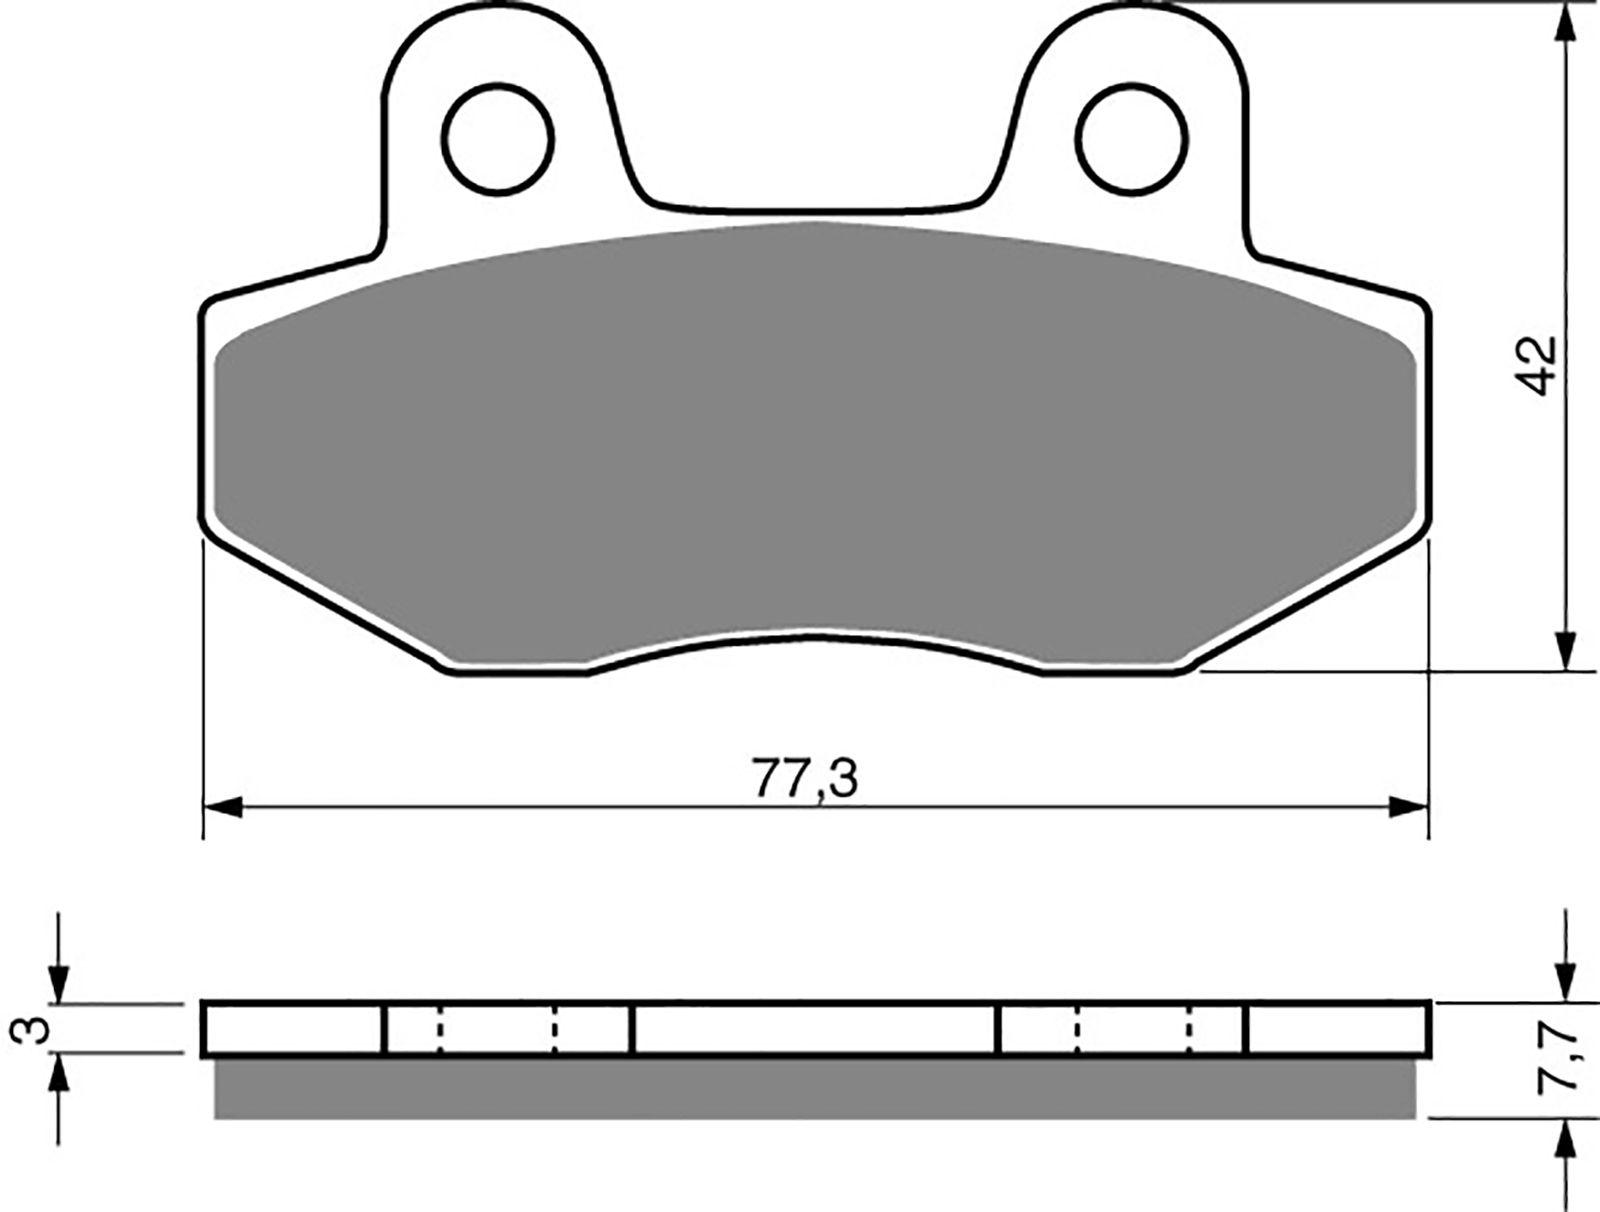 goldfren ad brake pads - 700011GA image